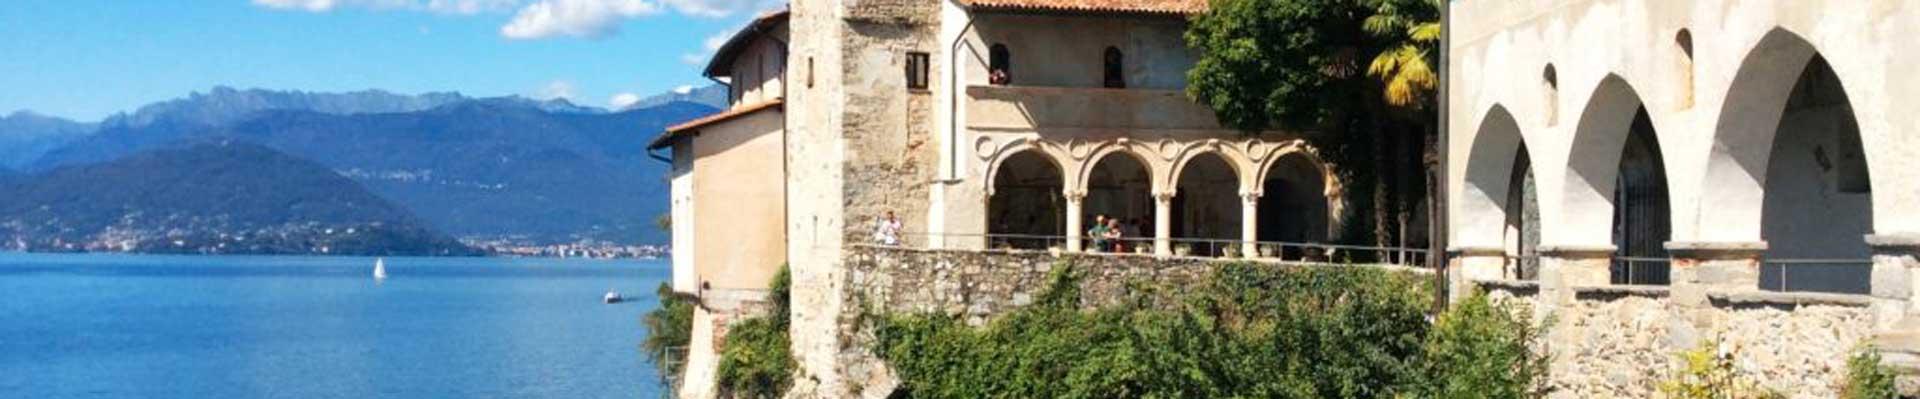 Lake Maggiore location